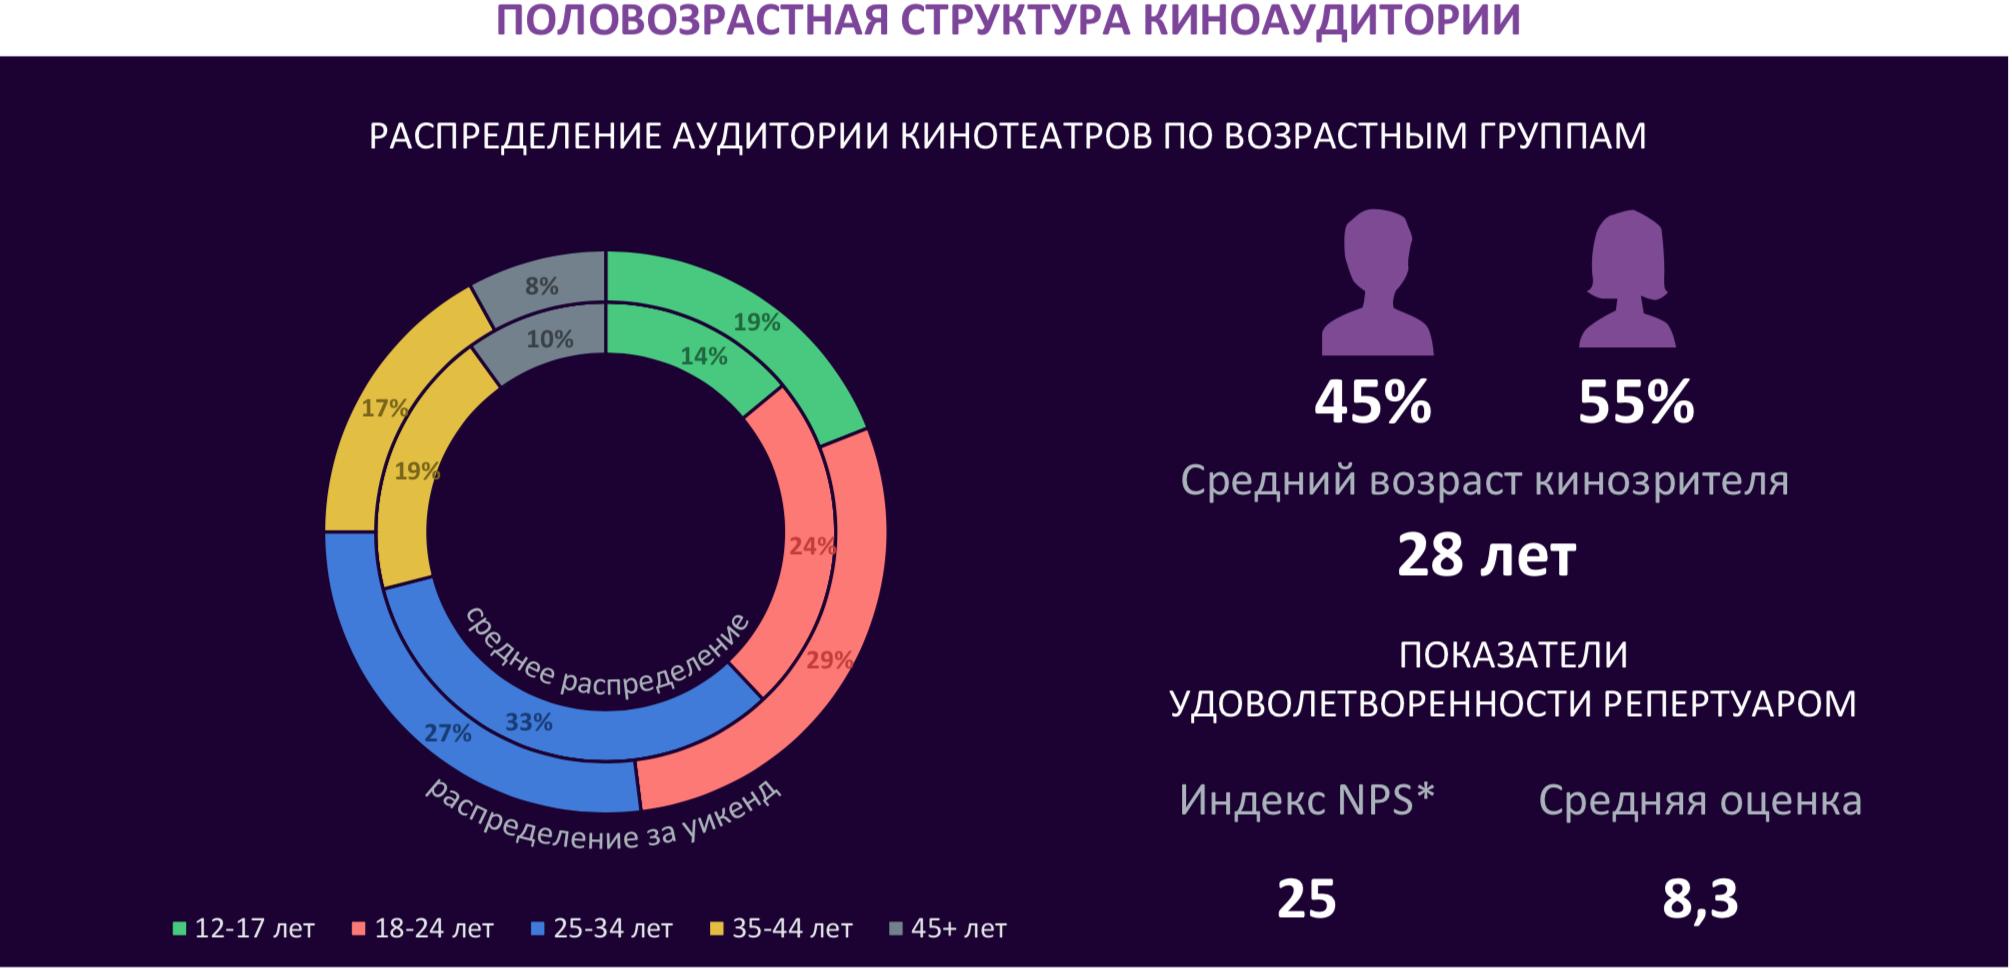 Фонд кино поздравляет российскую киноиндустрию с НОВЫМ 2019 ГОДОМ и сообщает о начале публикации нового еженедельного отраслевого отчета